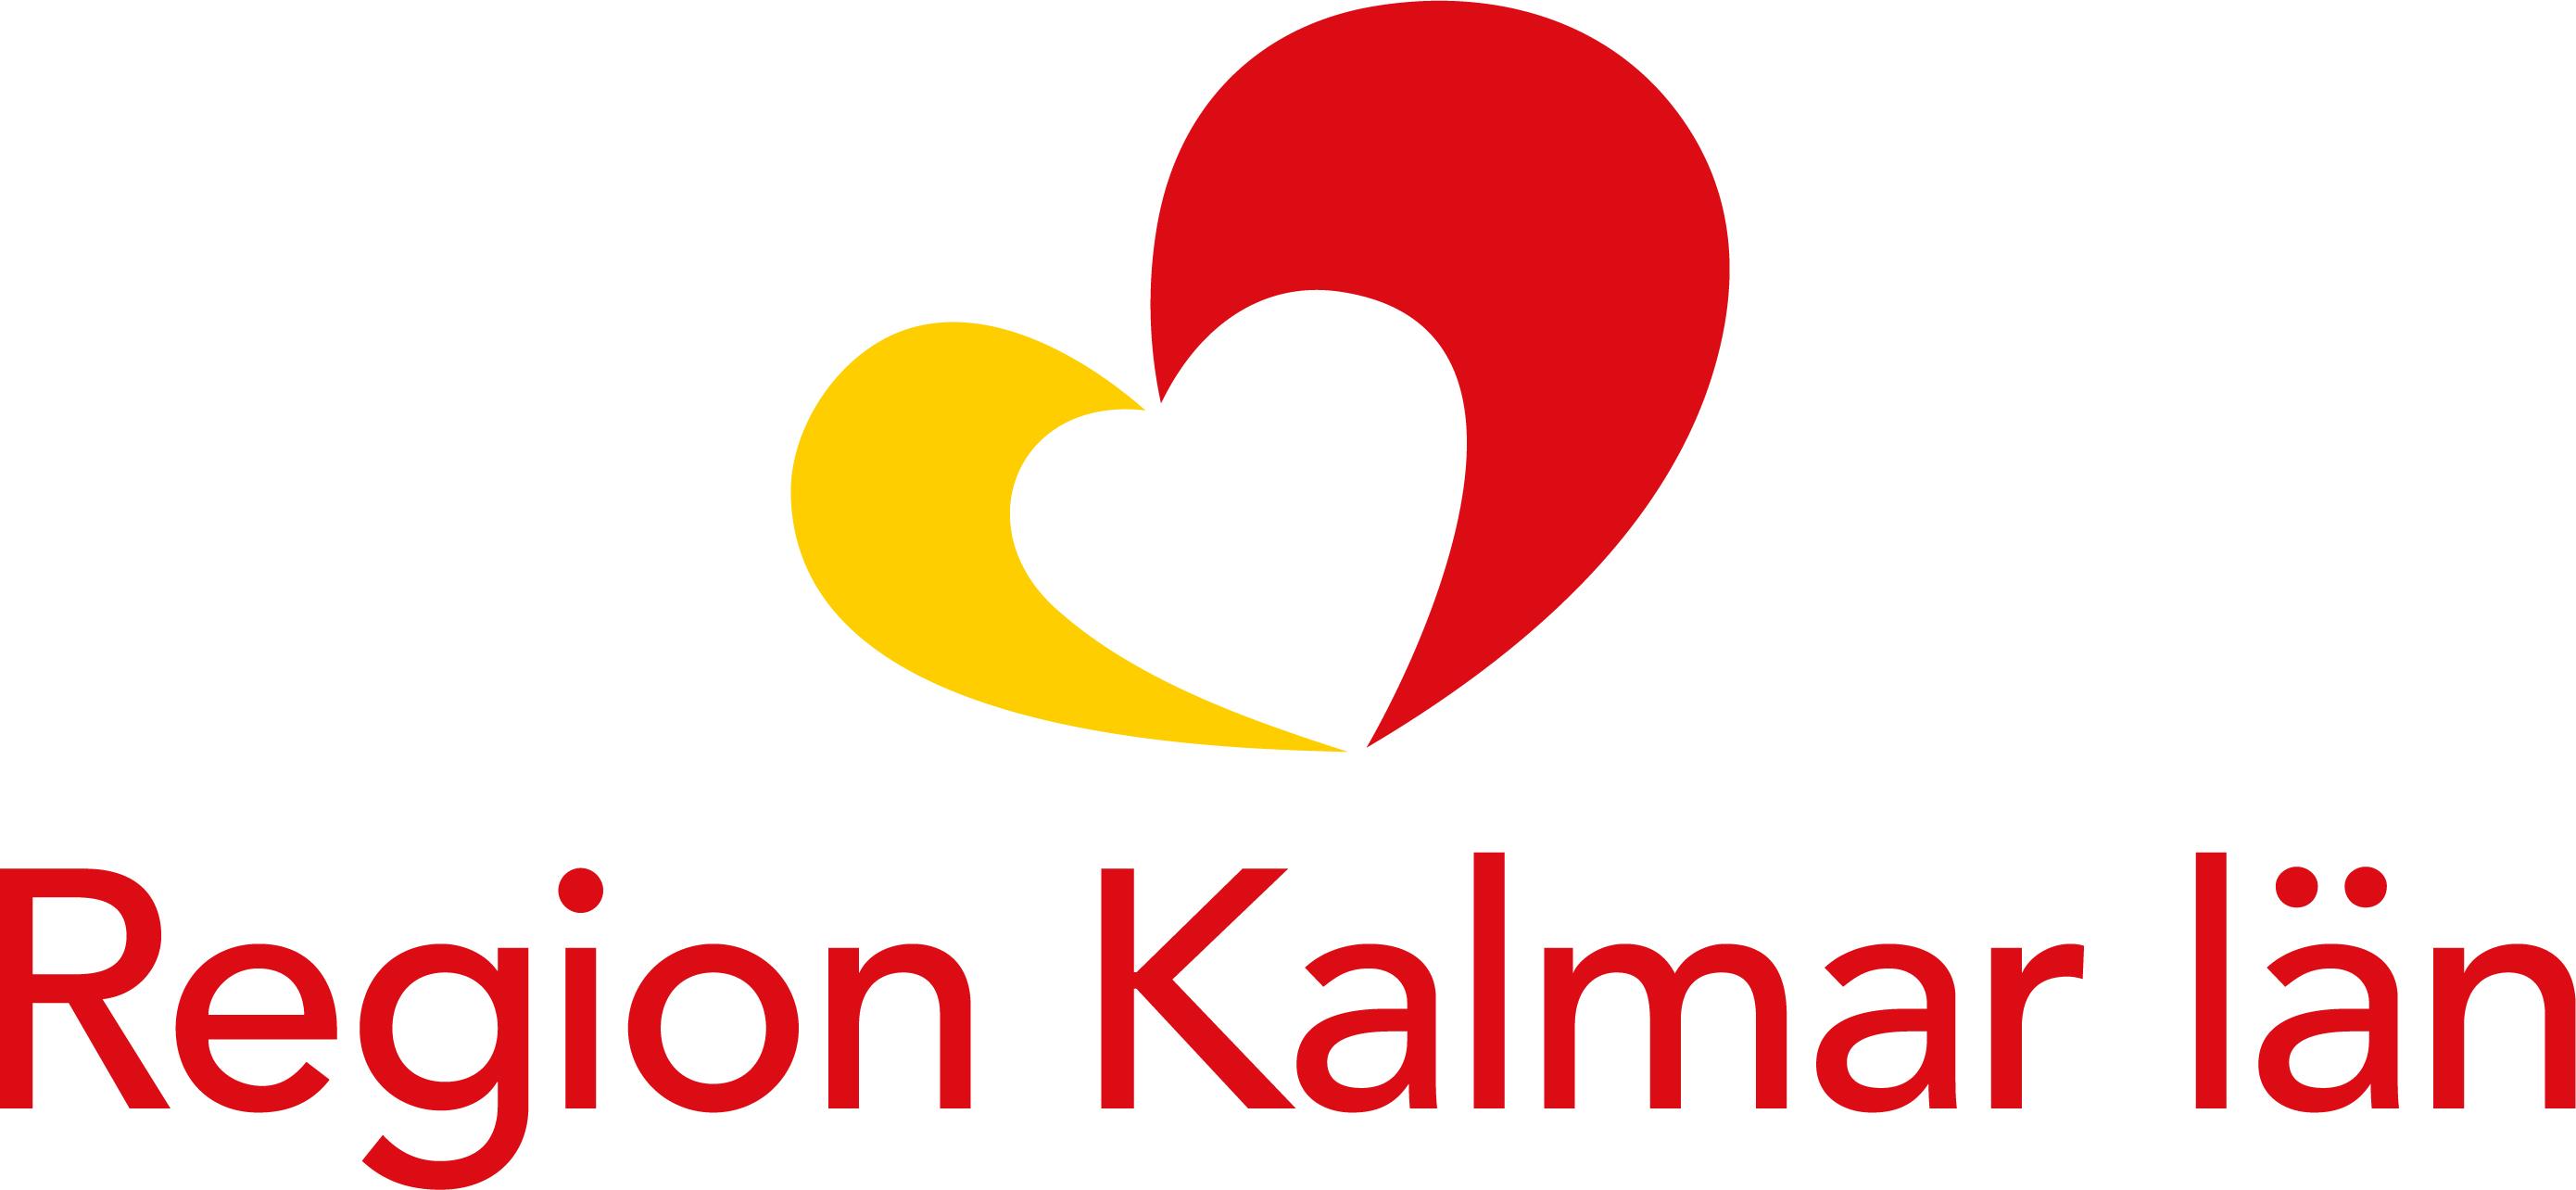 Region Kalmar län